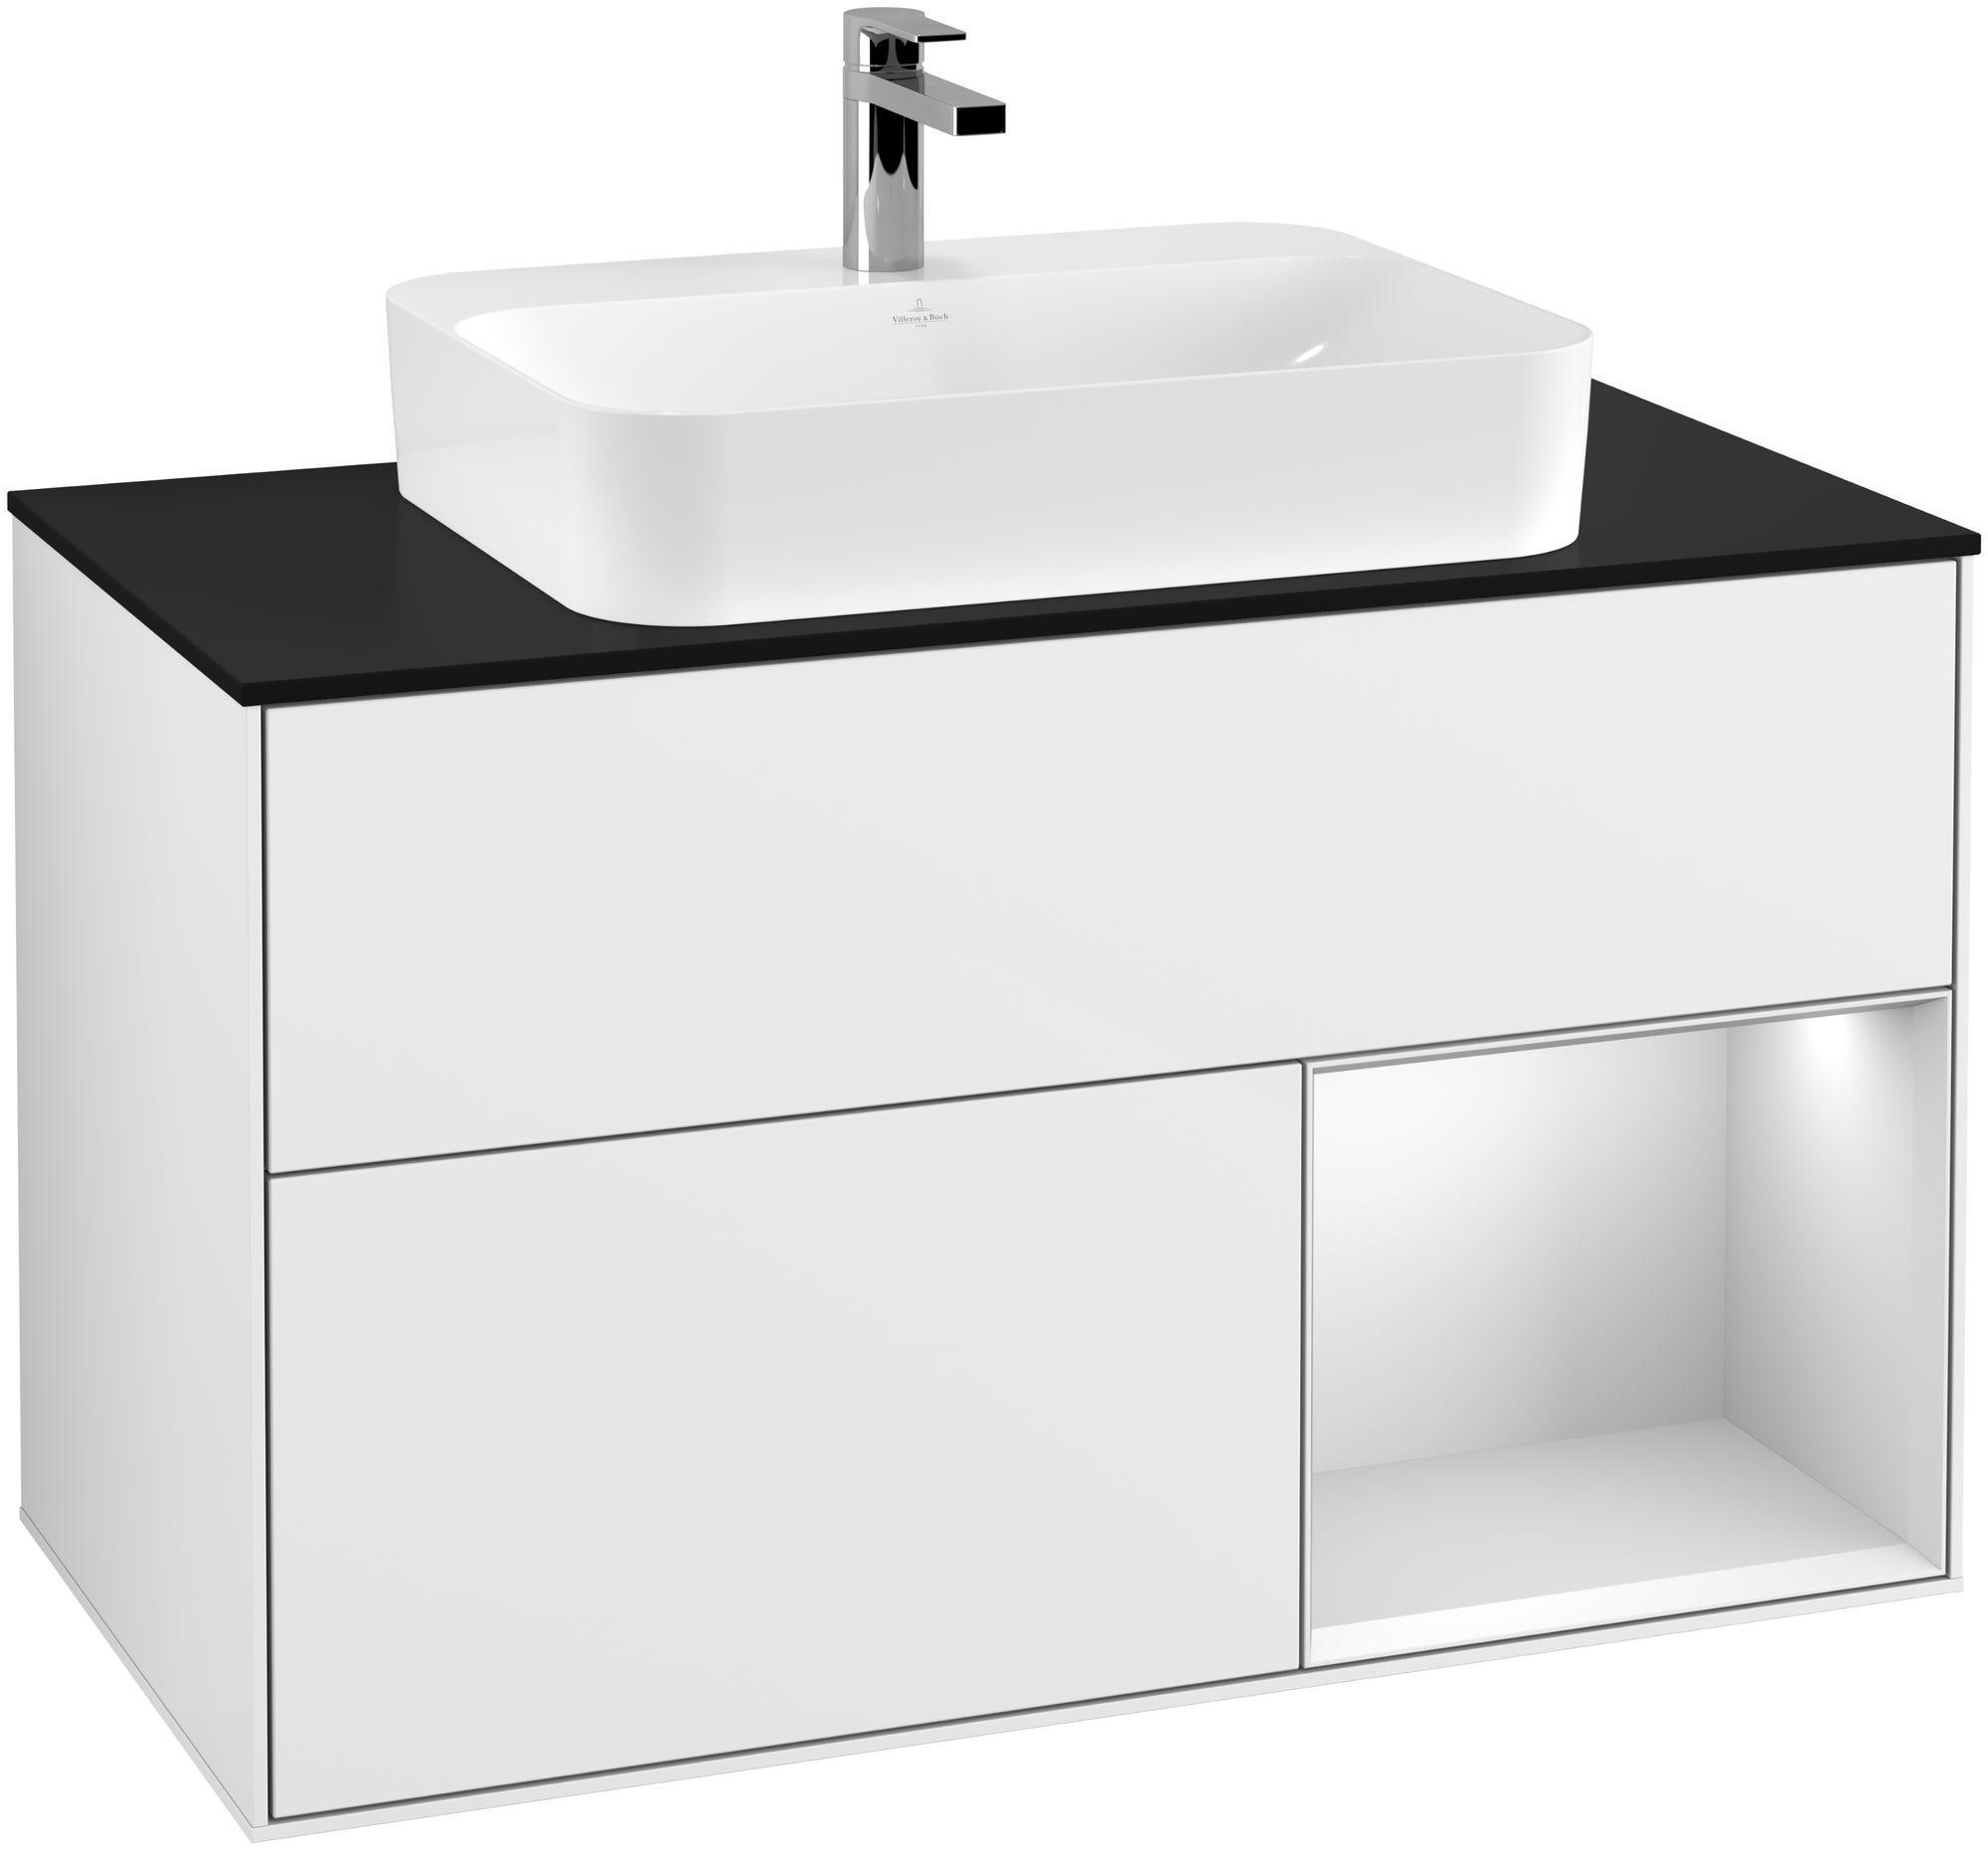 Villeroy & Boch Finion G37 Waschtischunterschrank mit Regalelement 2 Auszüge für WT mittig LED-Beleuchtung B:100xH:60,3xT:50,1cm Front, Korpus: Glossy White Lack, Regal: Weiß Matt Soft Grey, Glasplatte: Black Matt G372MTGF